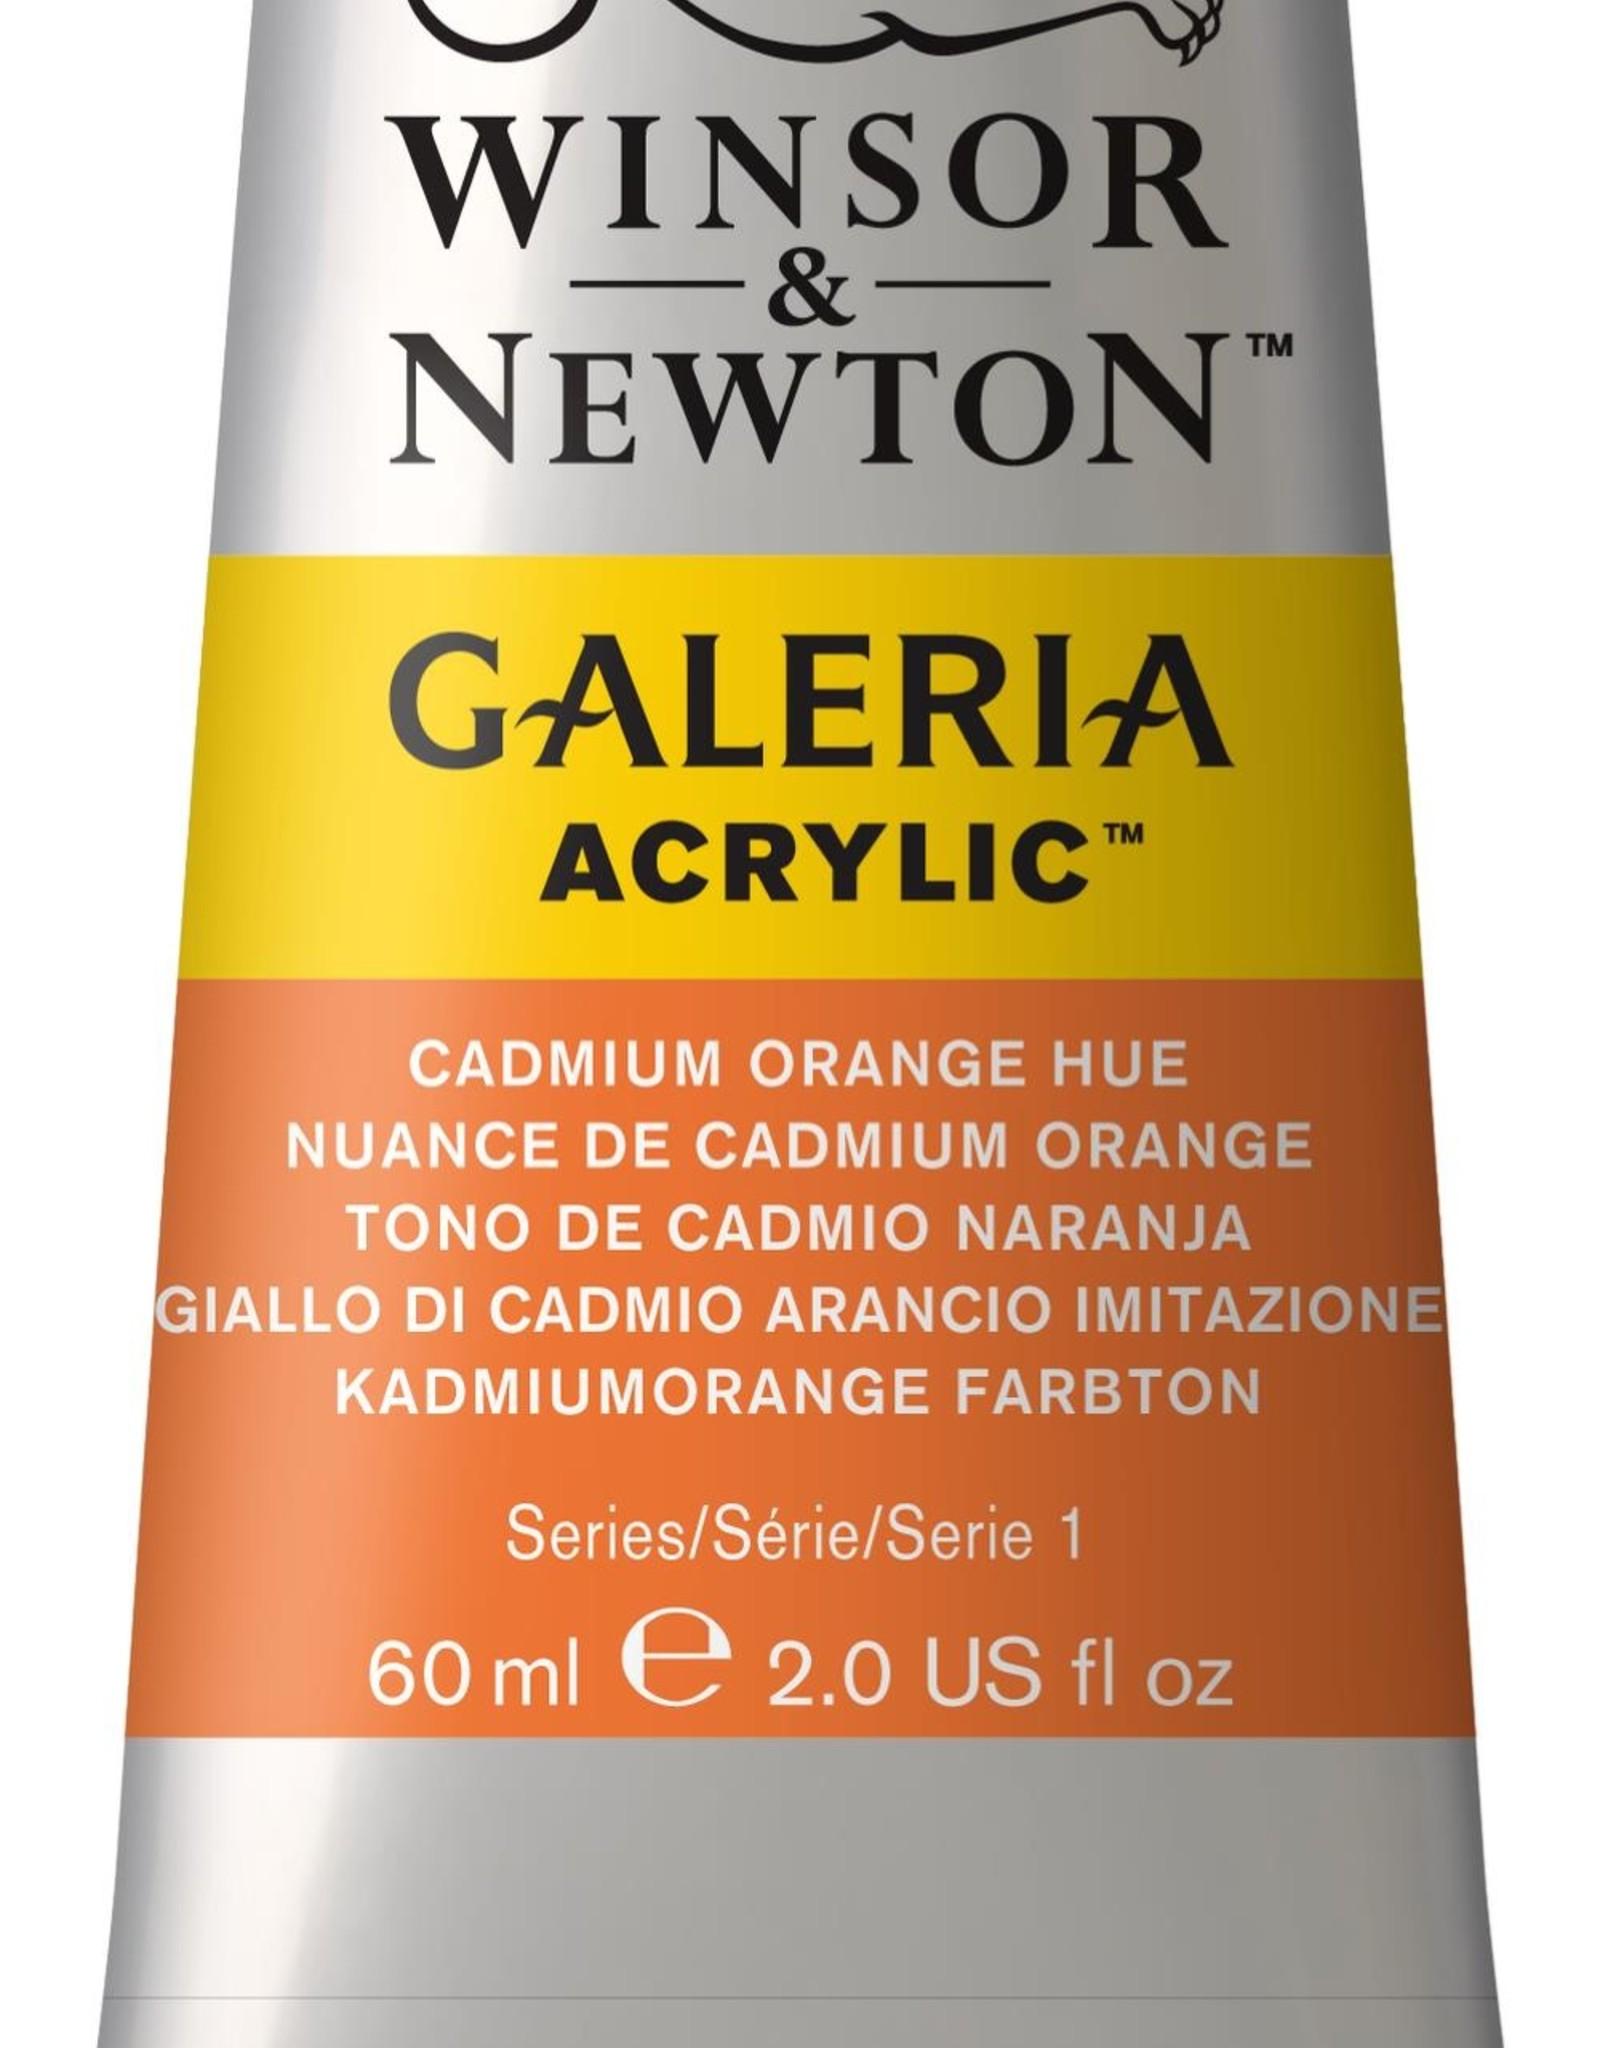 WInsor & Newton Startersset met 8 kleuren, zorgvuldig gekozen. Iedereen kan zo zelf alle kleuren leren mengen; voor beginners is het handig de kleuren in een cirkel met de klok mee te leggen (citroengeel, cadmiumgeel, vermiljoen, crimson (of karmijn), ultramarijn, koning